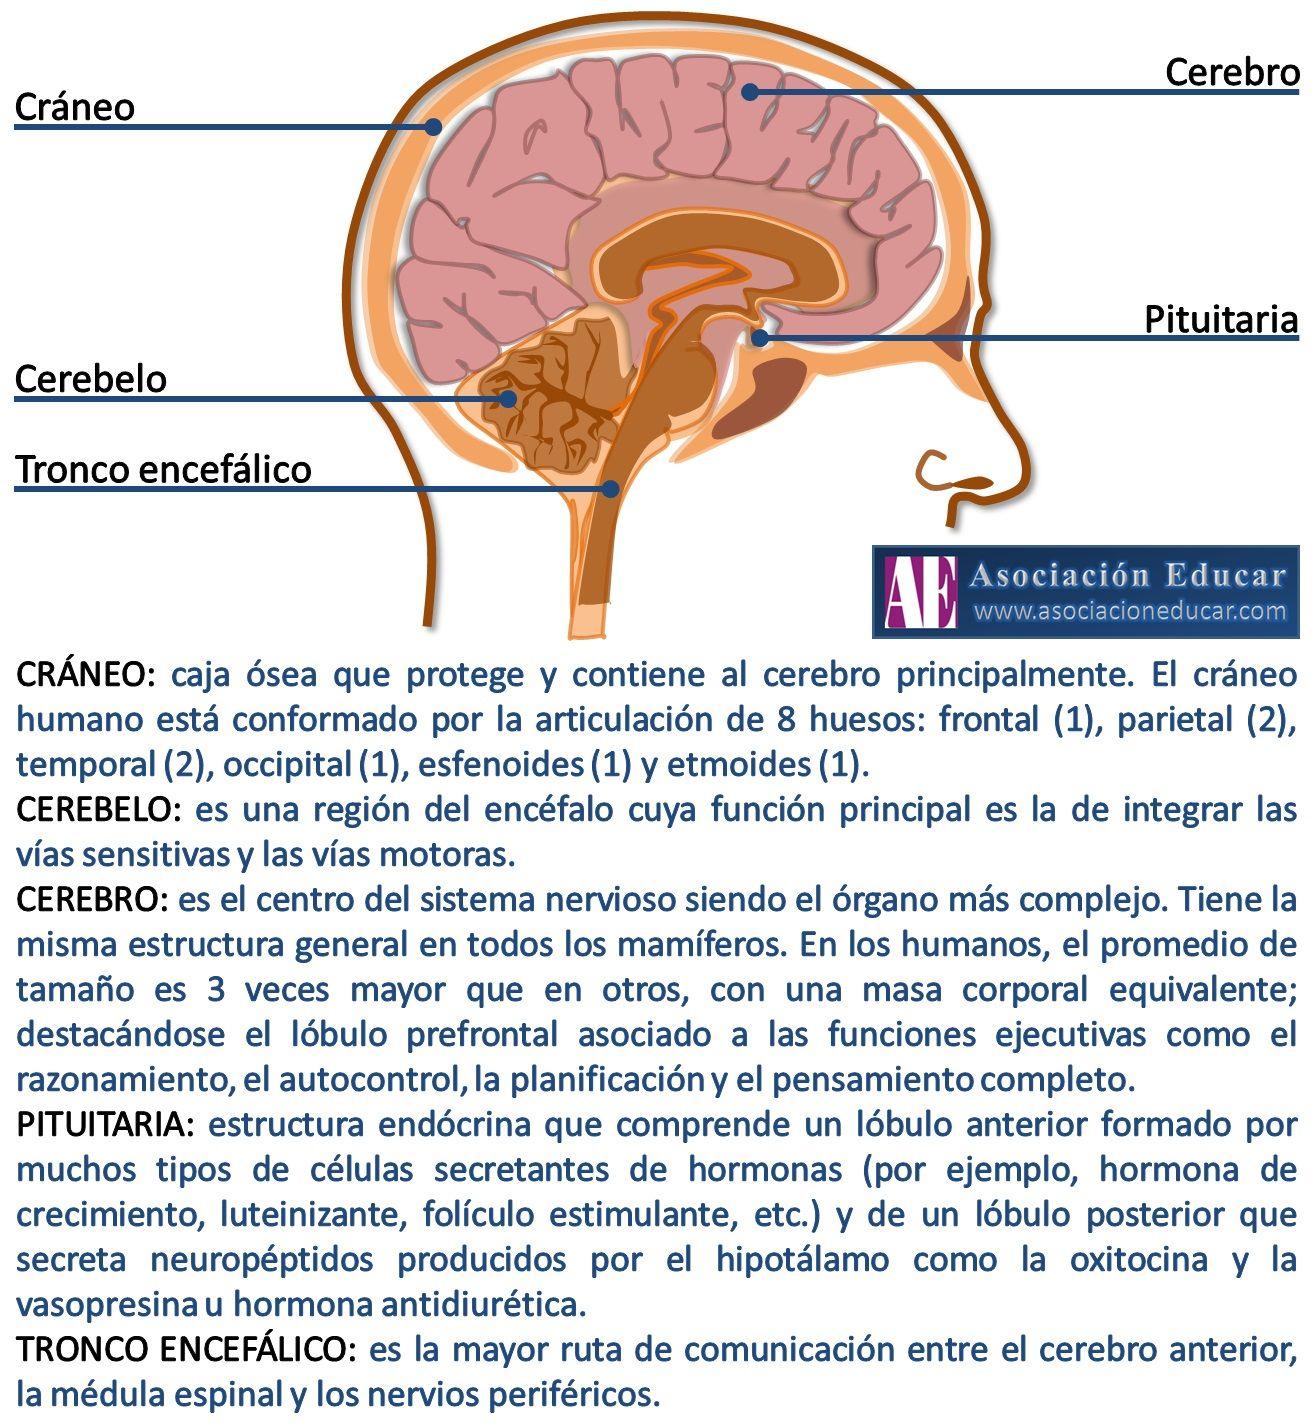 Infografía Neurociencias: Cráneo; Cerebro; Cerebelo; Pituitaria ...